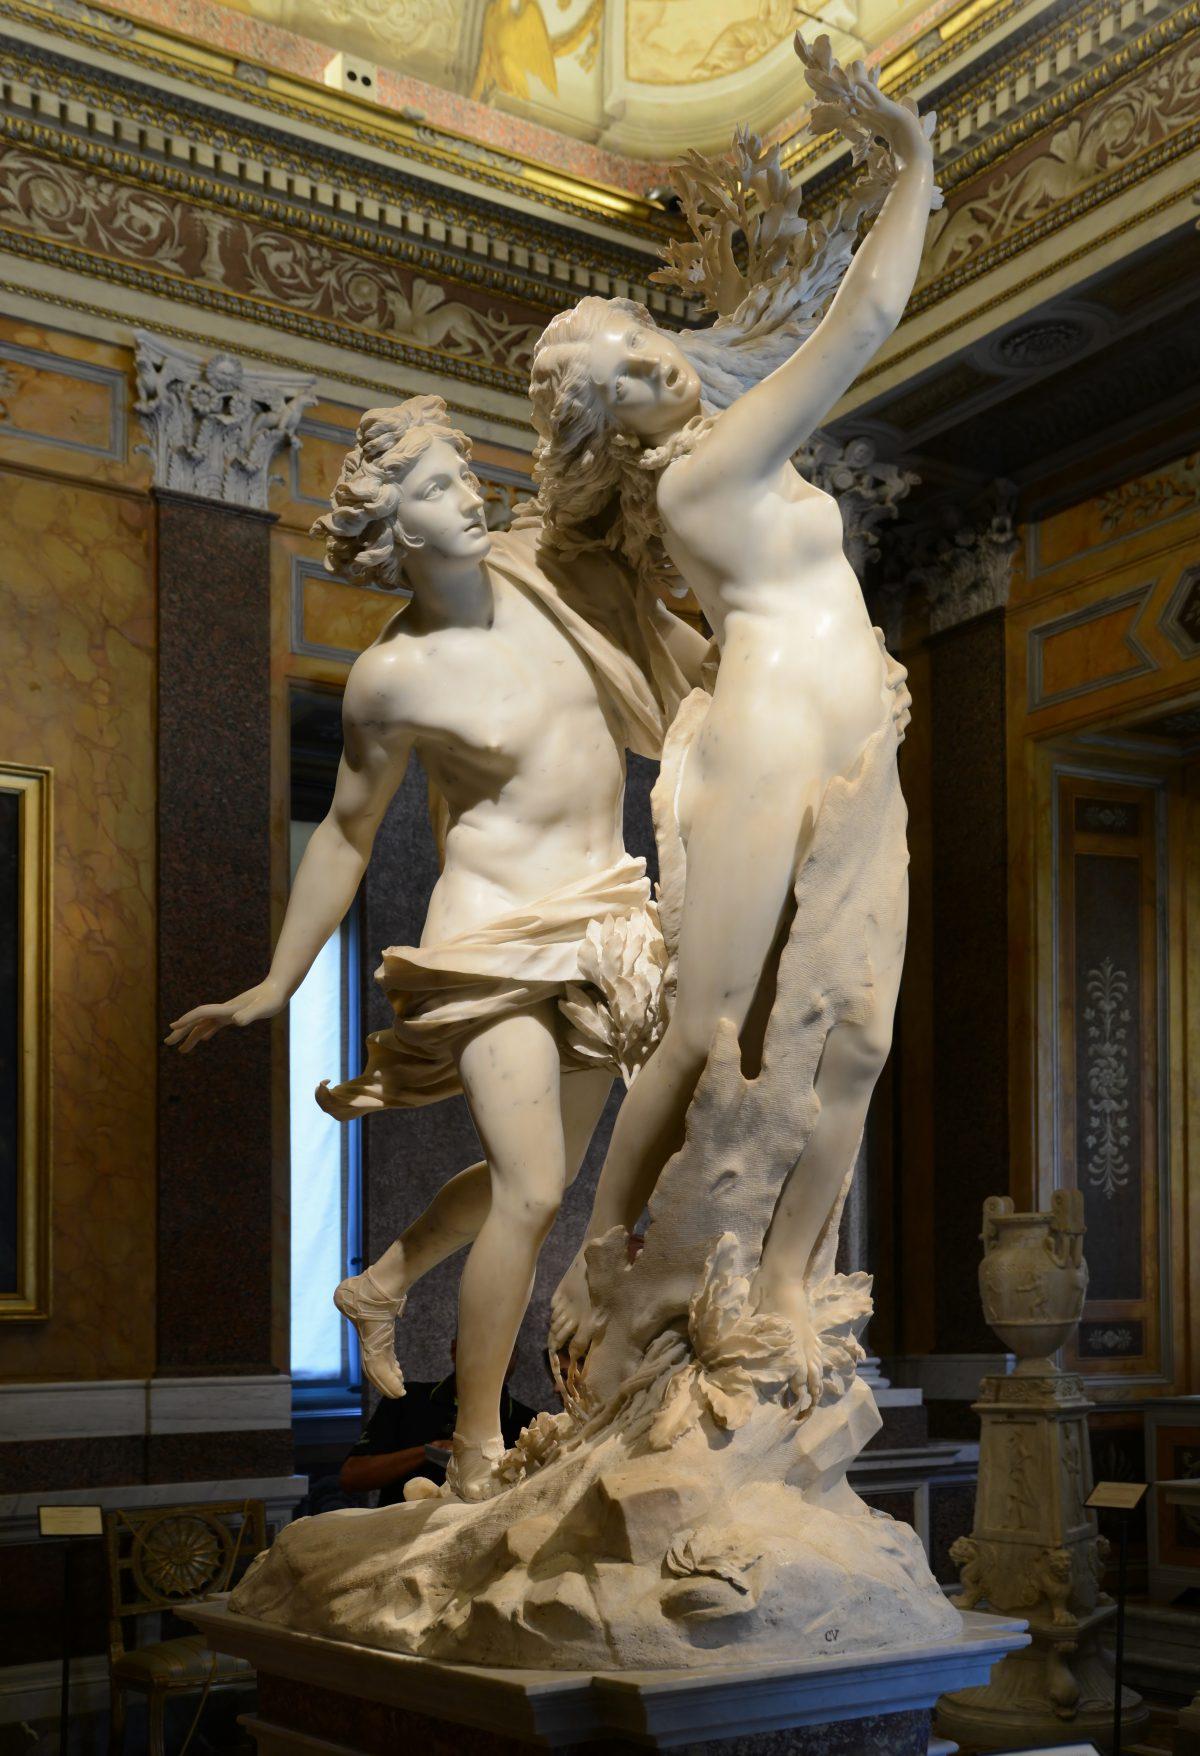 Apollo_&_Daphne statues